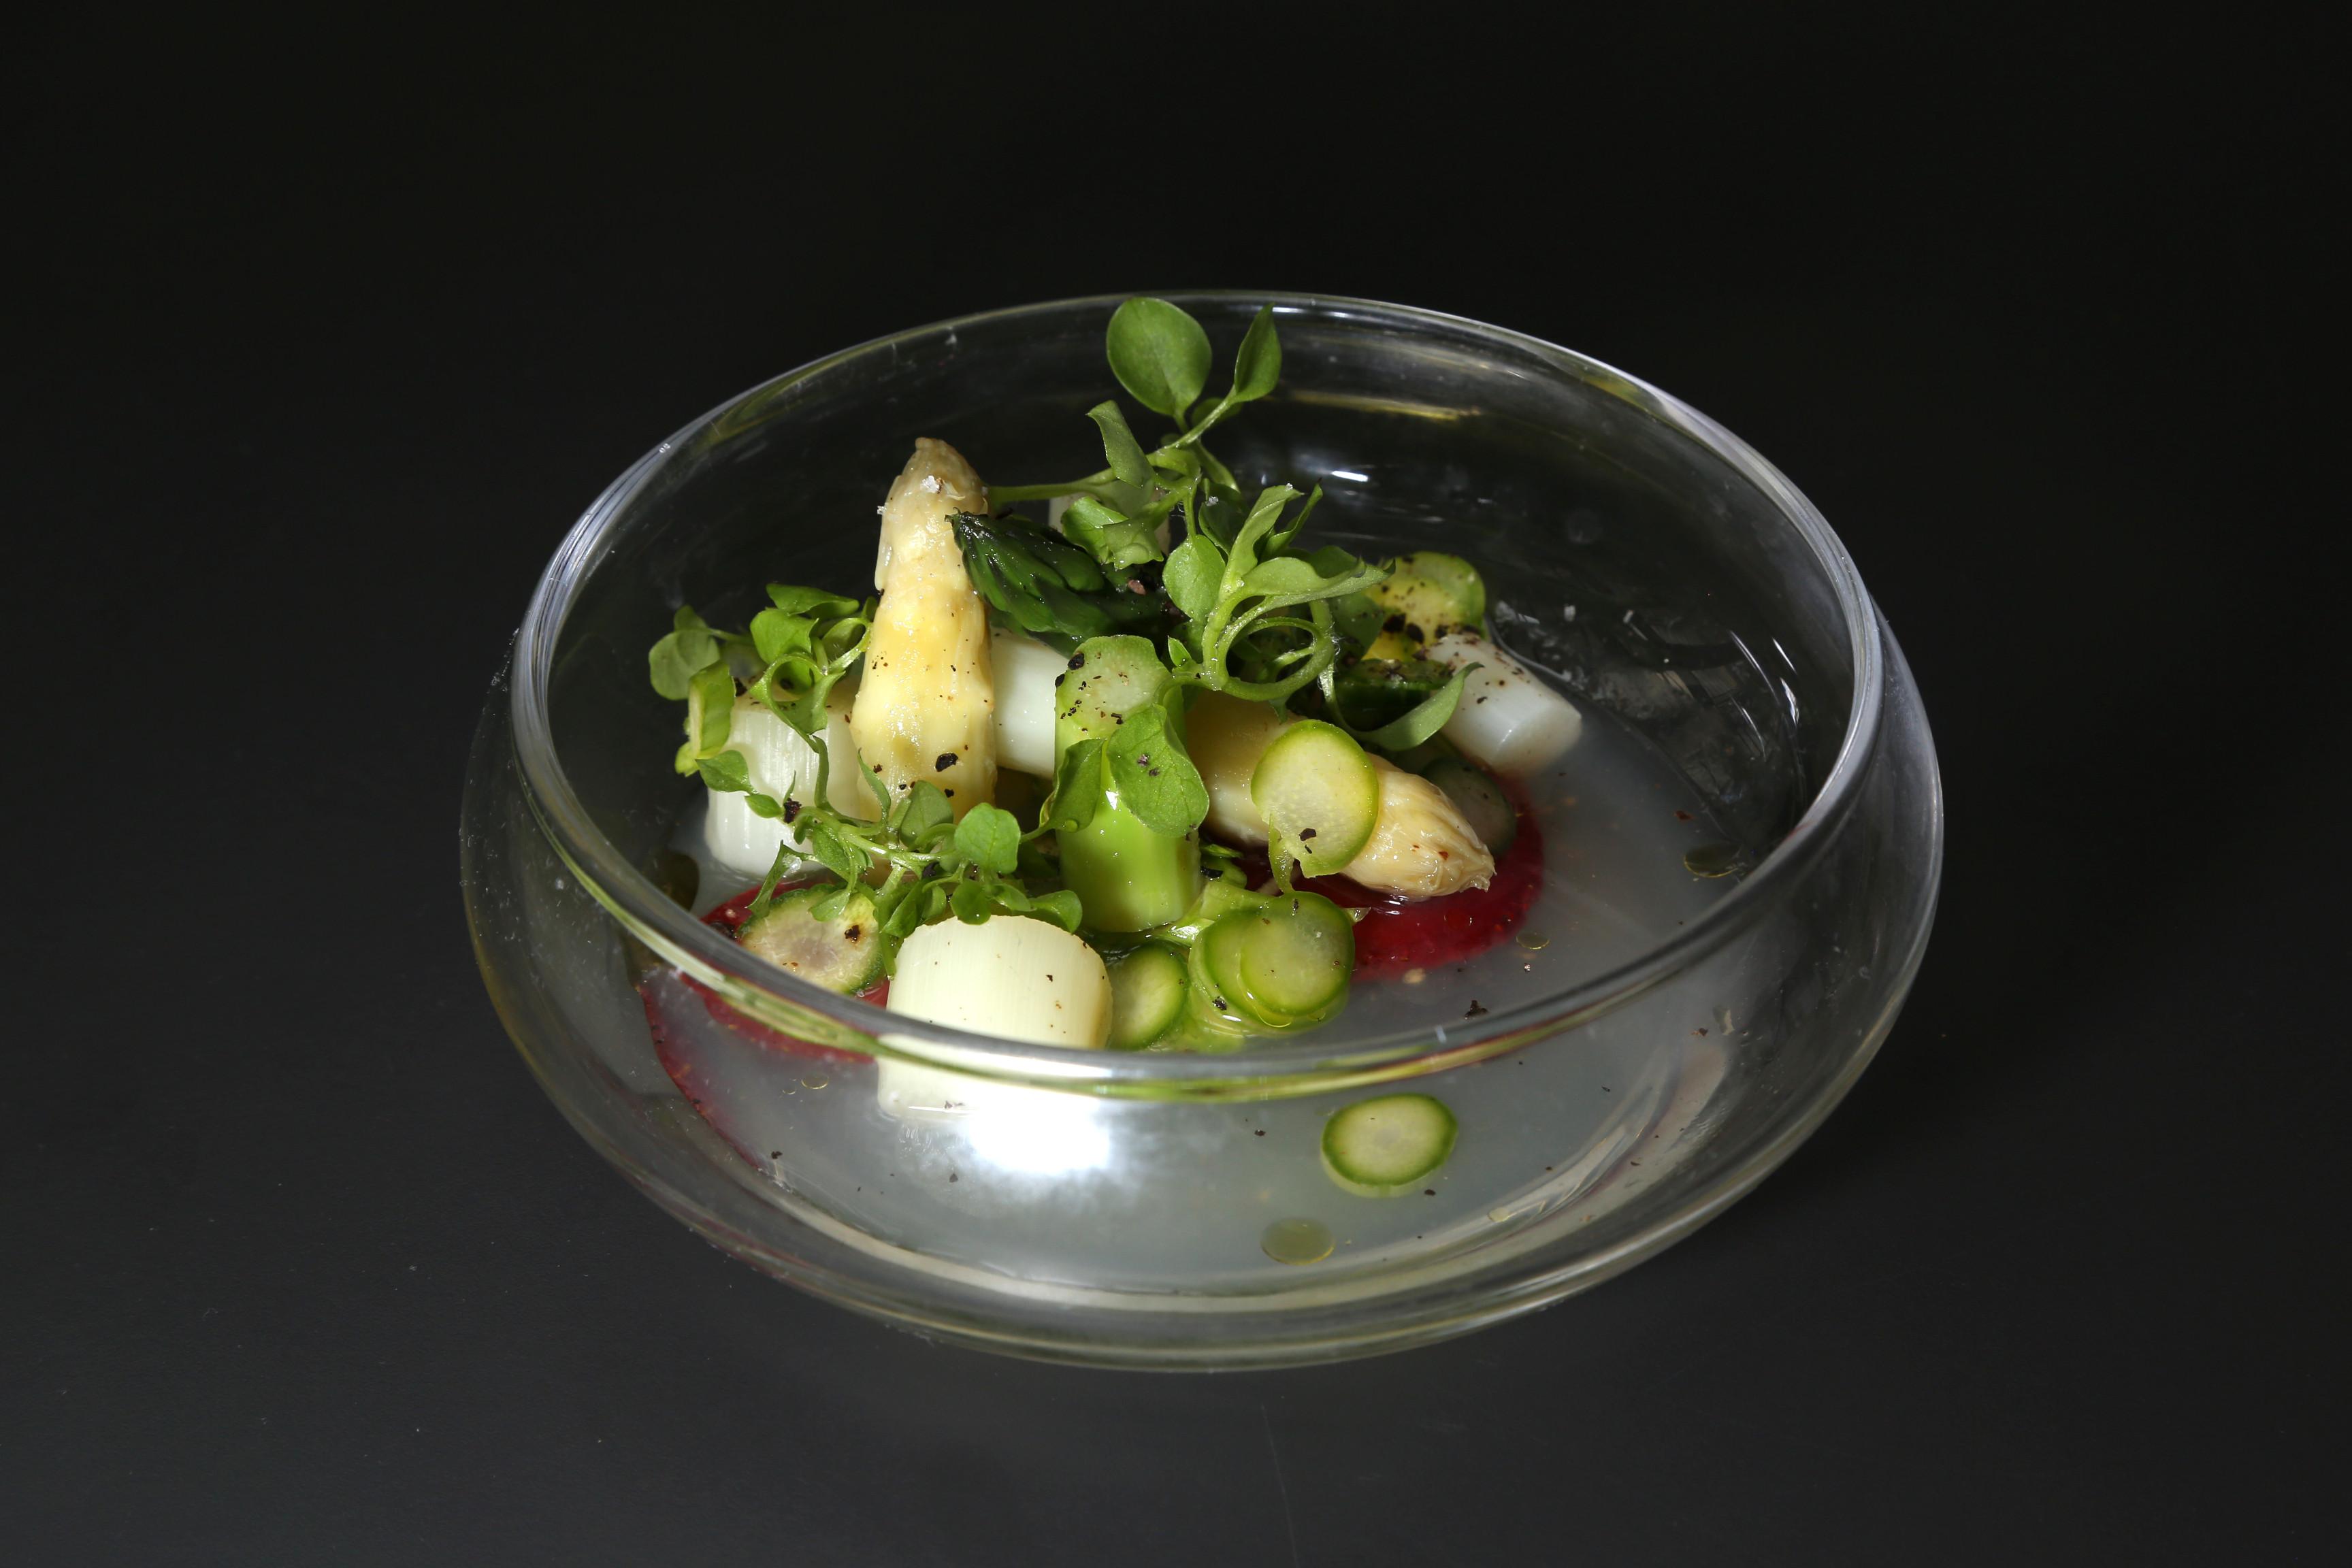 Asperges vertes blanches et fraises de florent ladeyn - Poele de top chef ...